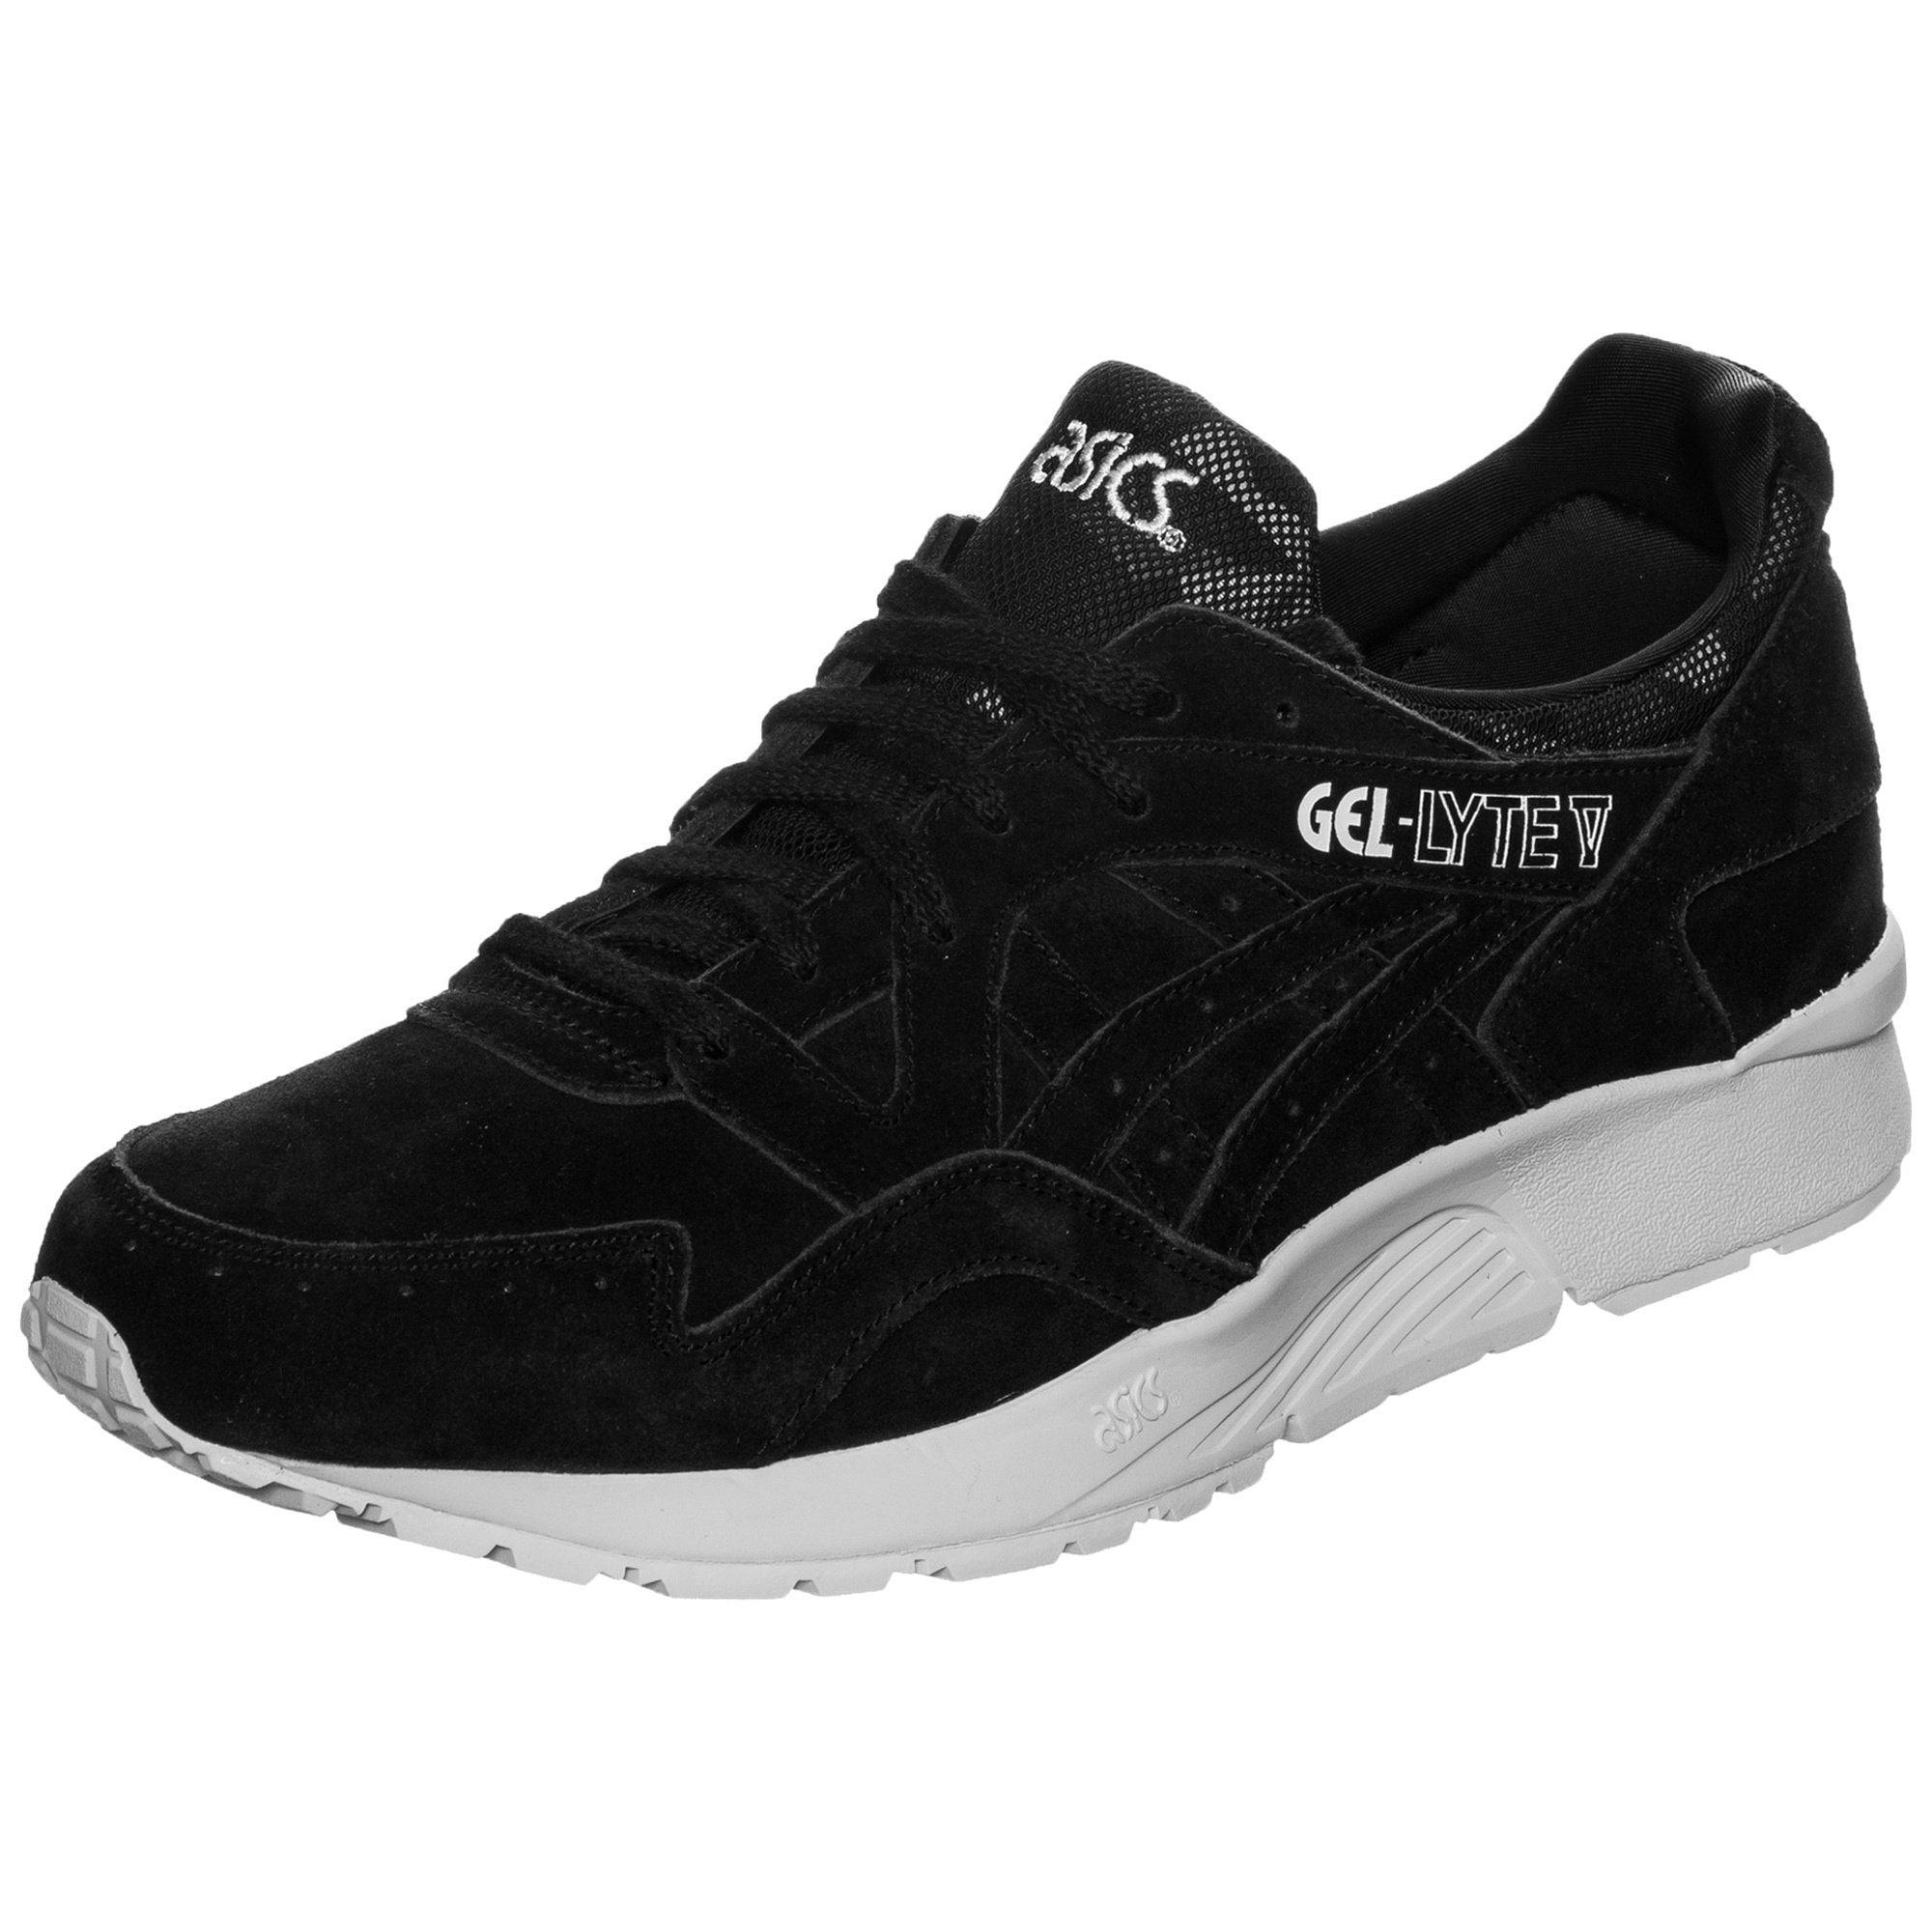 ASICS Gel Lyte V Sneaker Herren günstig kaufen | BAUR